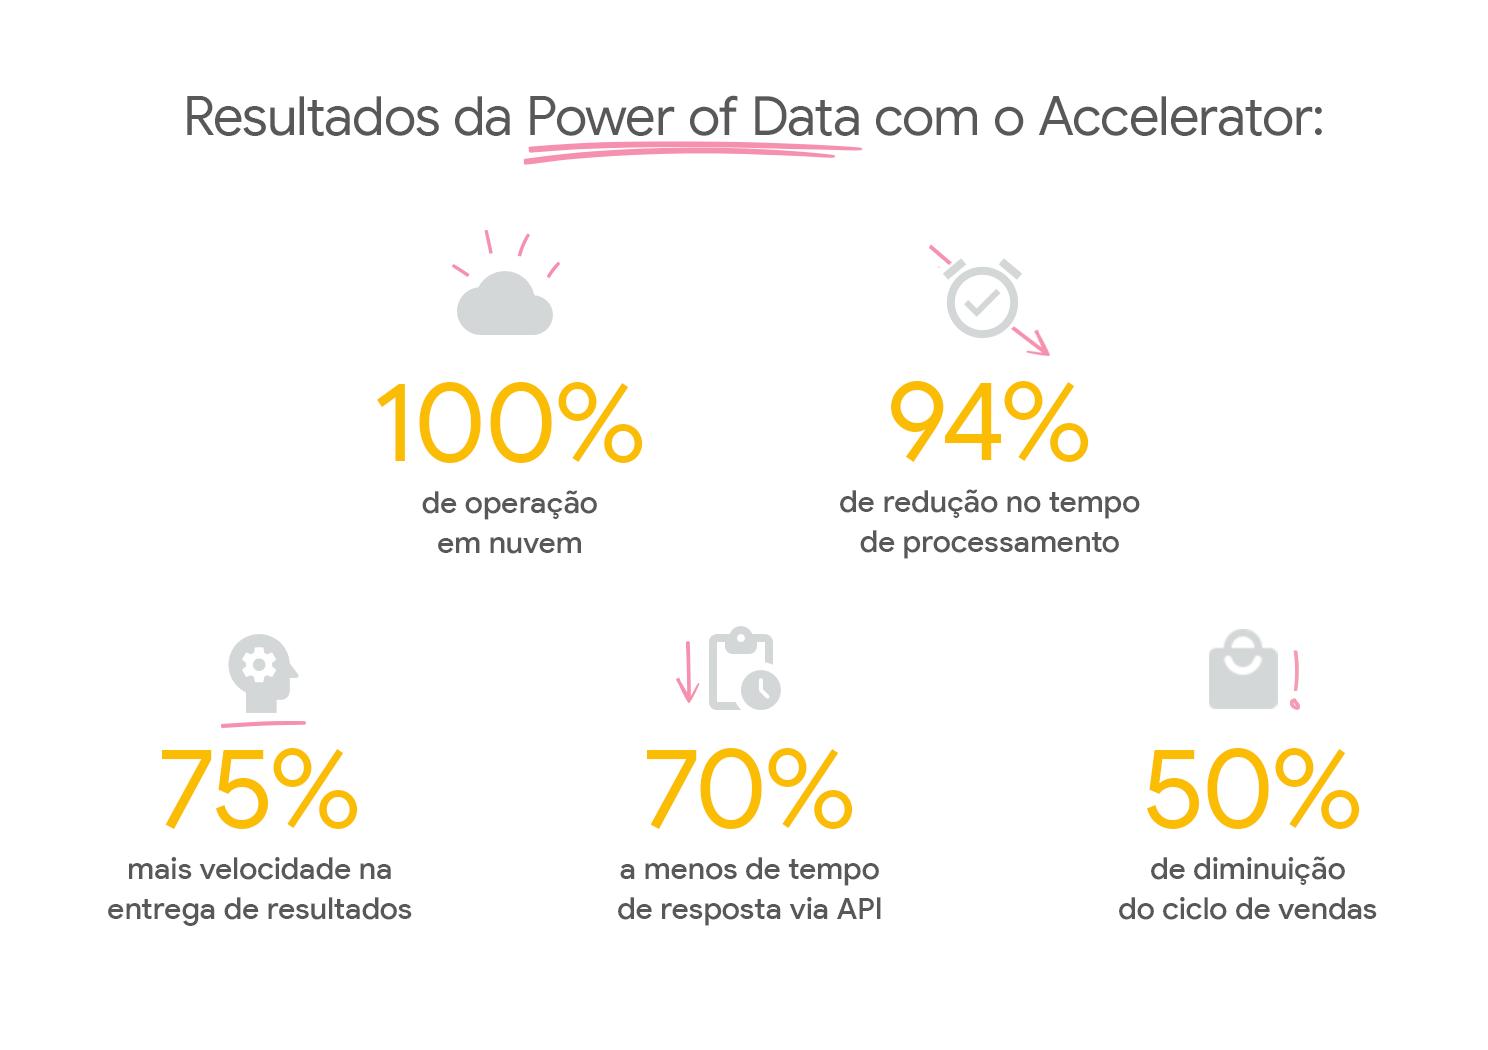 Infográfico com os resultados da participação da Power of Dara no Google for Startups Accelerator.